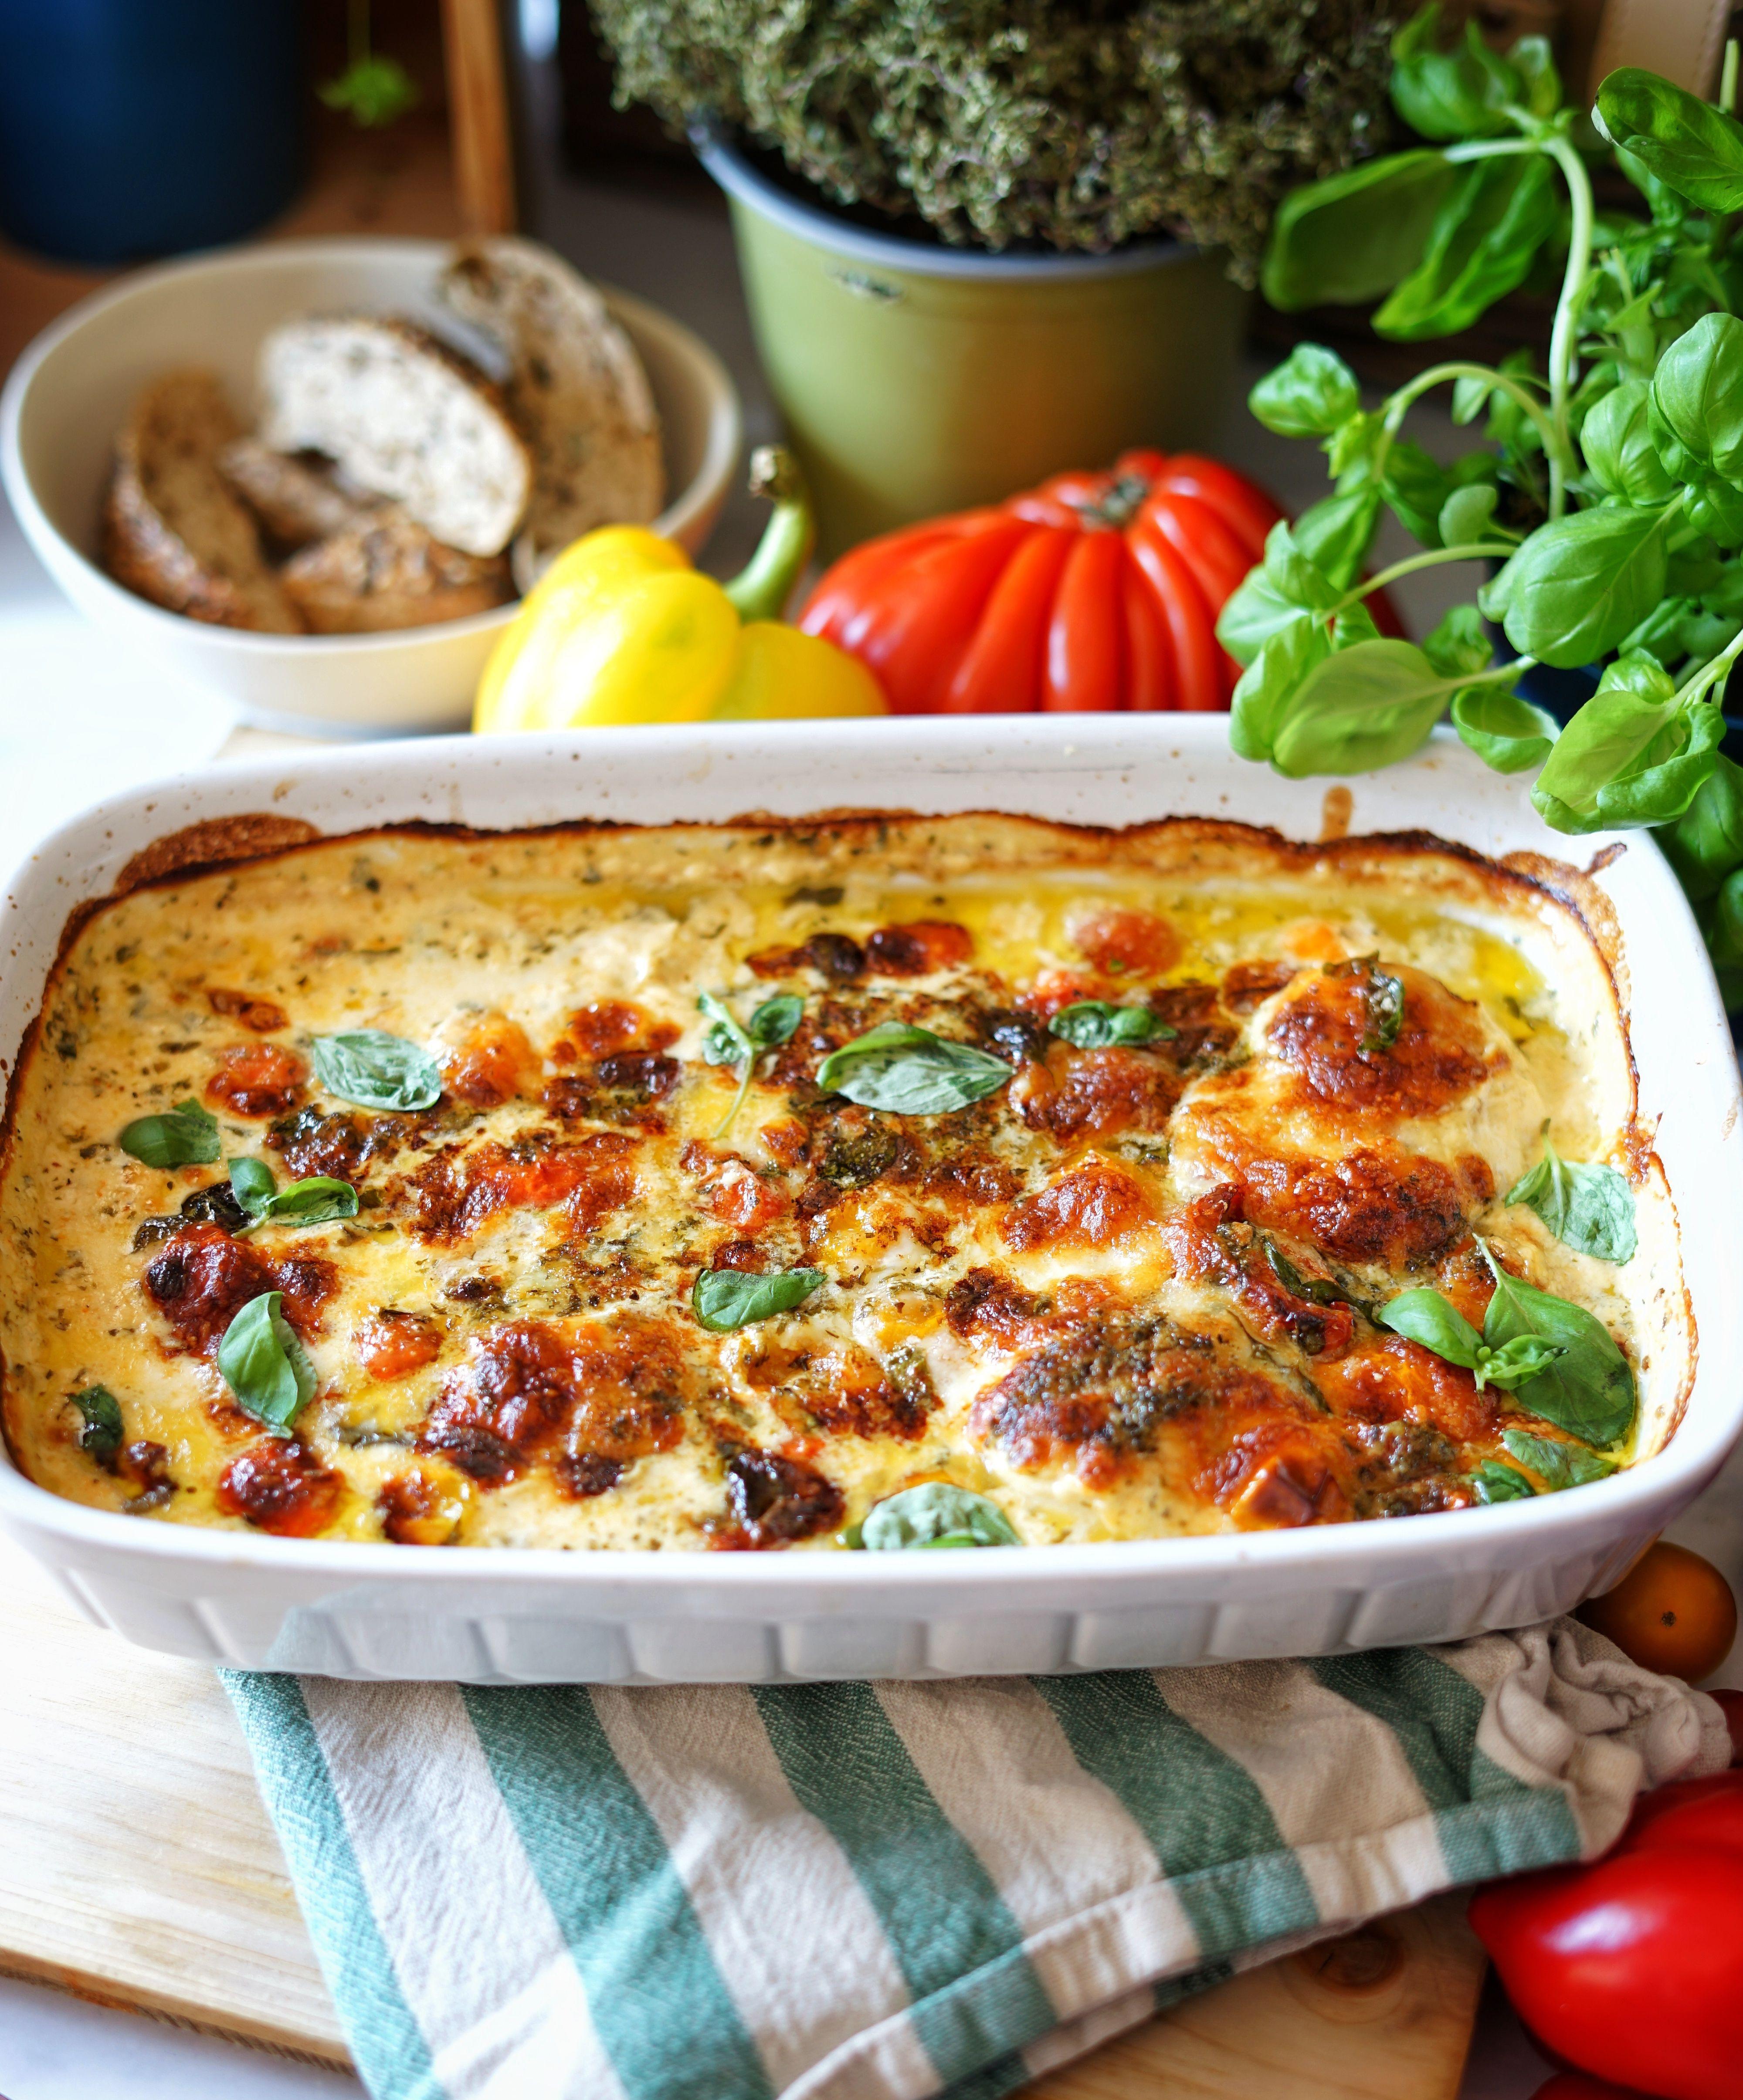 Sündhaft leckerer Hühnchen-Mozzarella-Auflauf - essen mit liebe